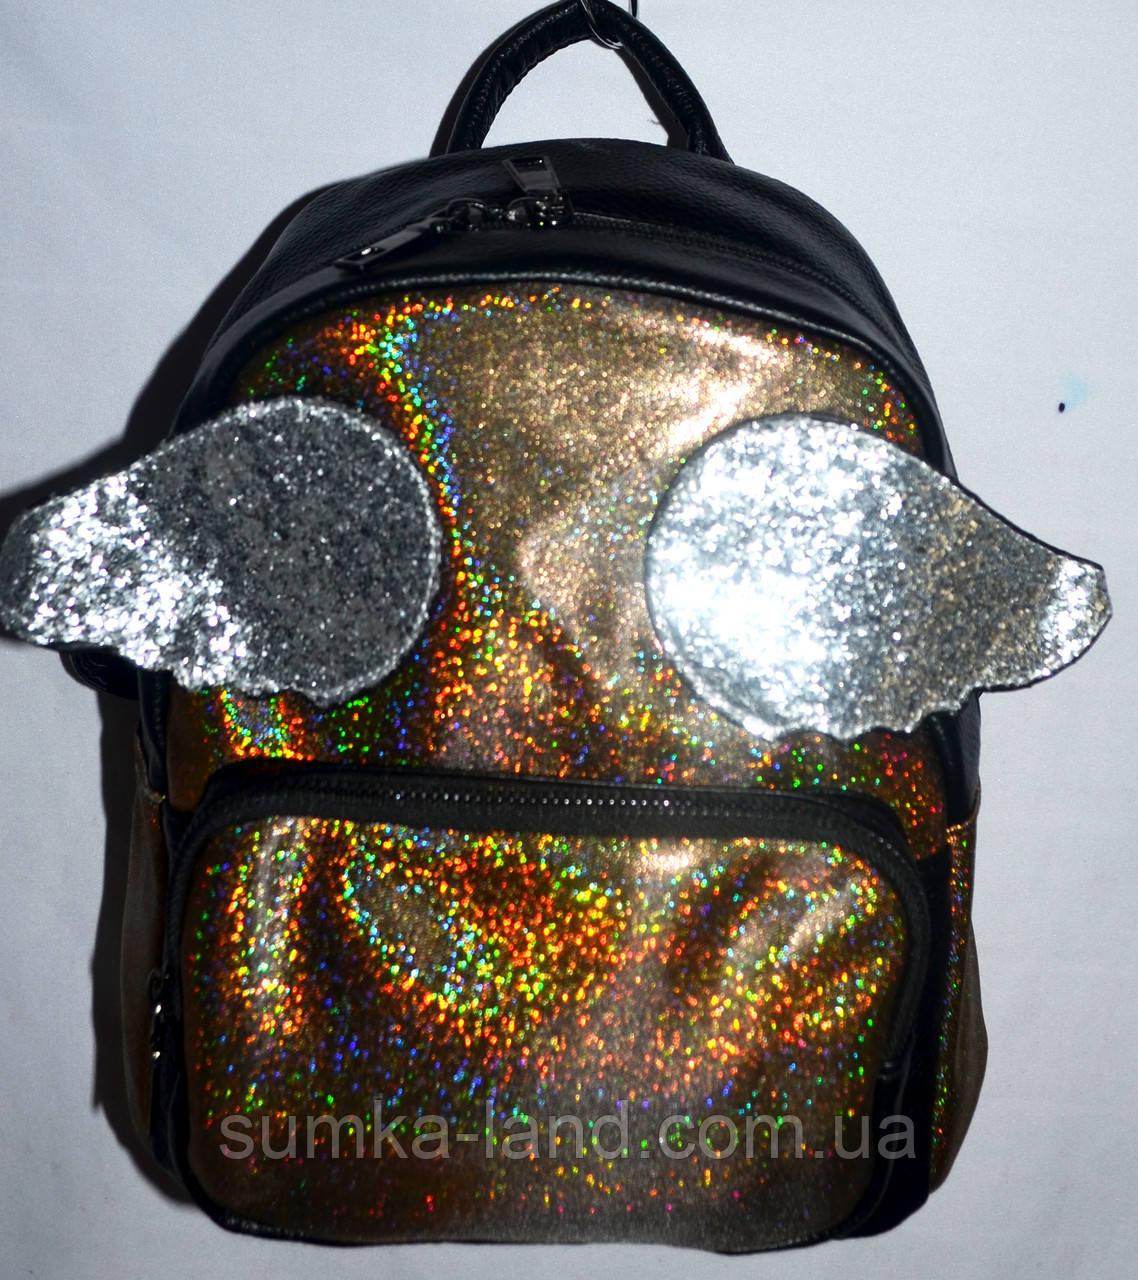 Женский маленький блестяший рюкзак из искусственной кожи с крыльями 23*26 см (золото)